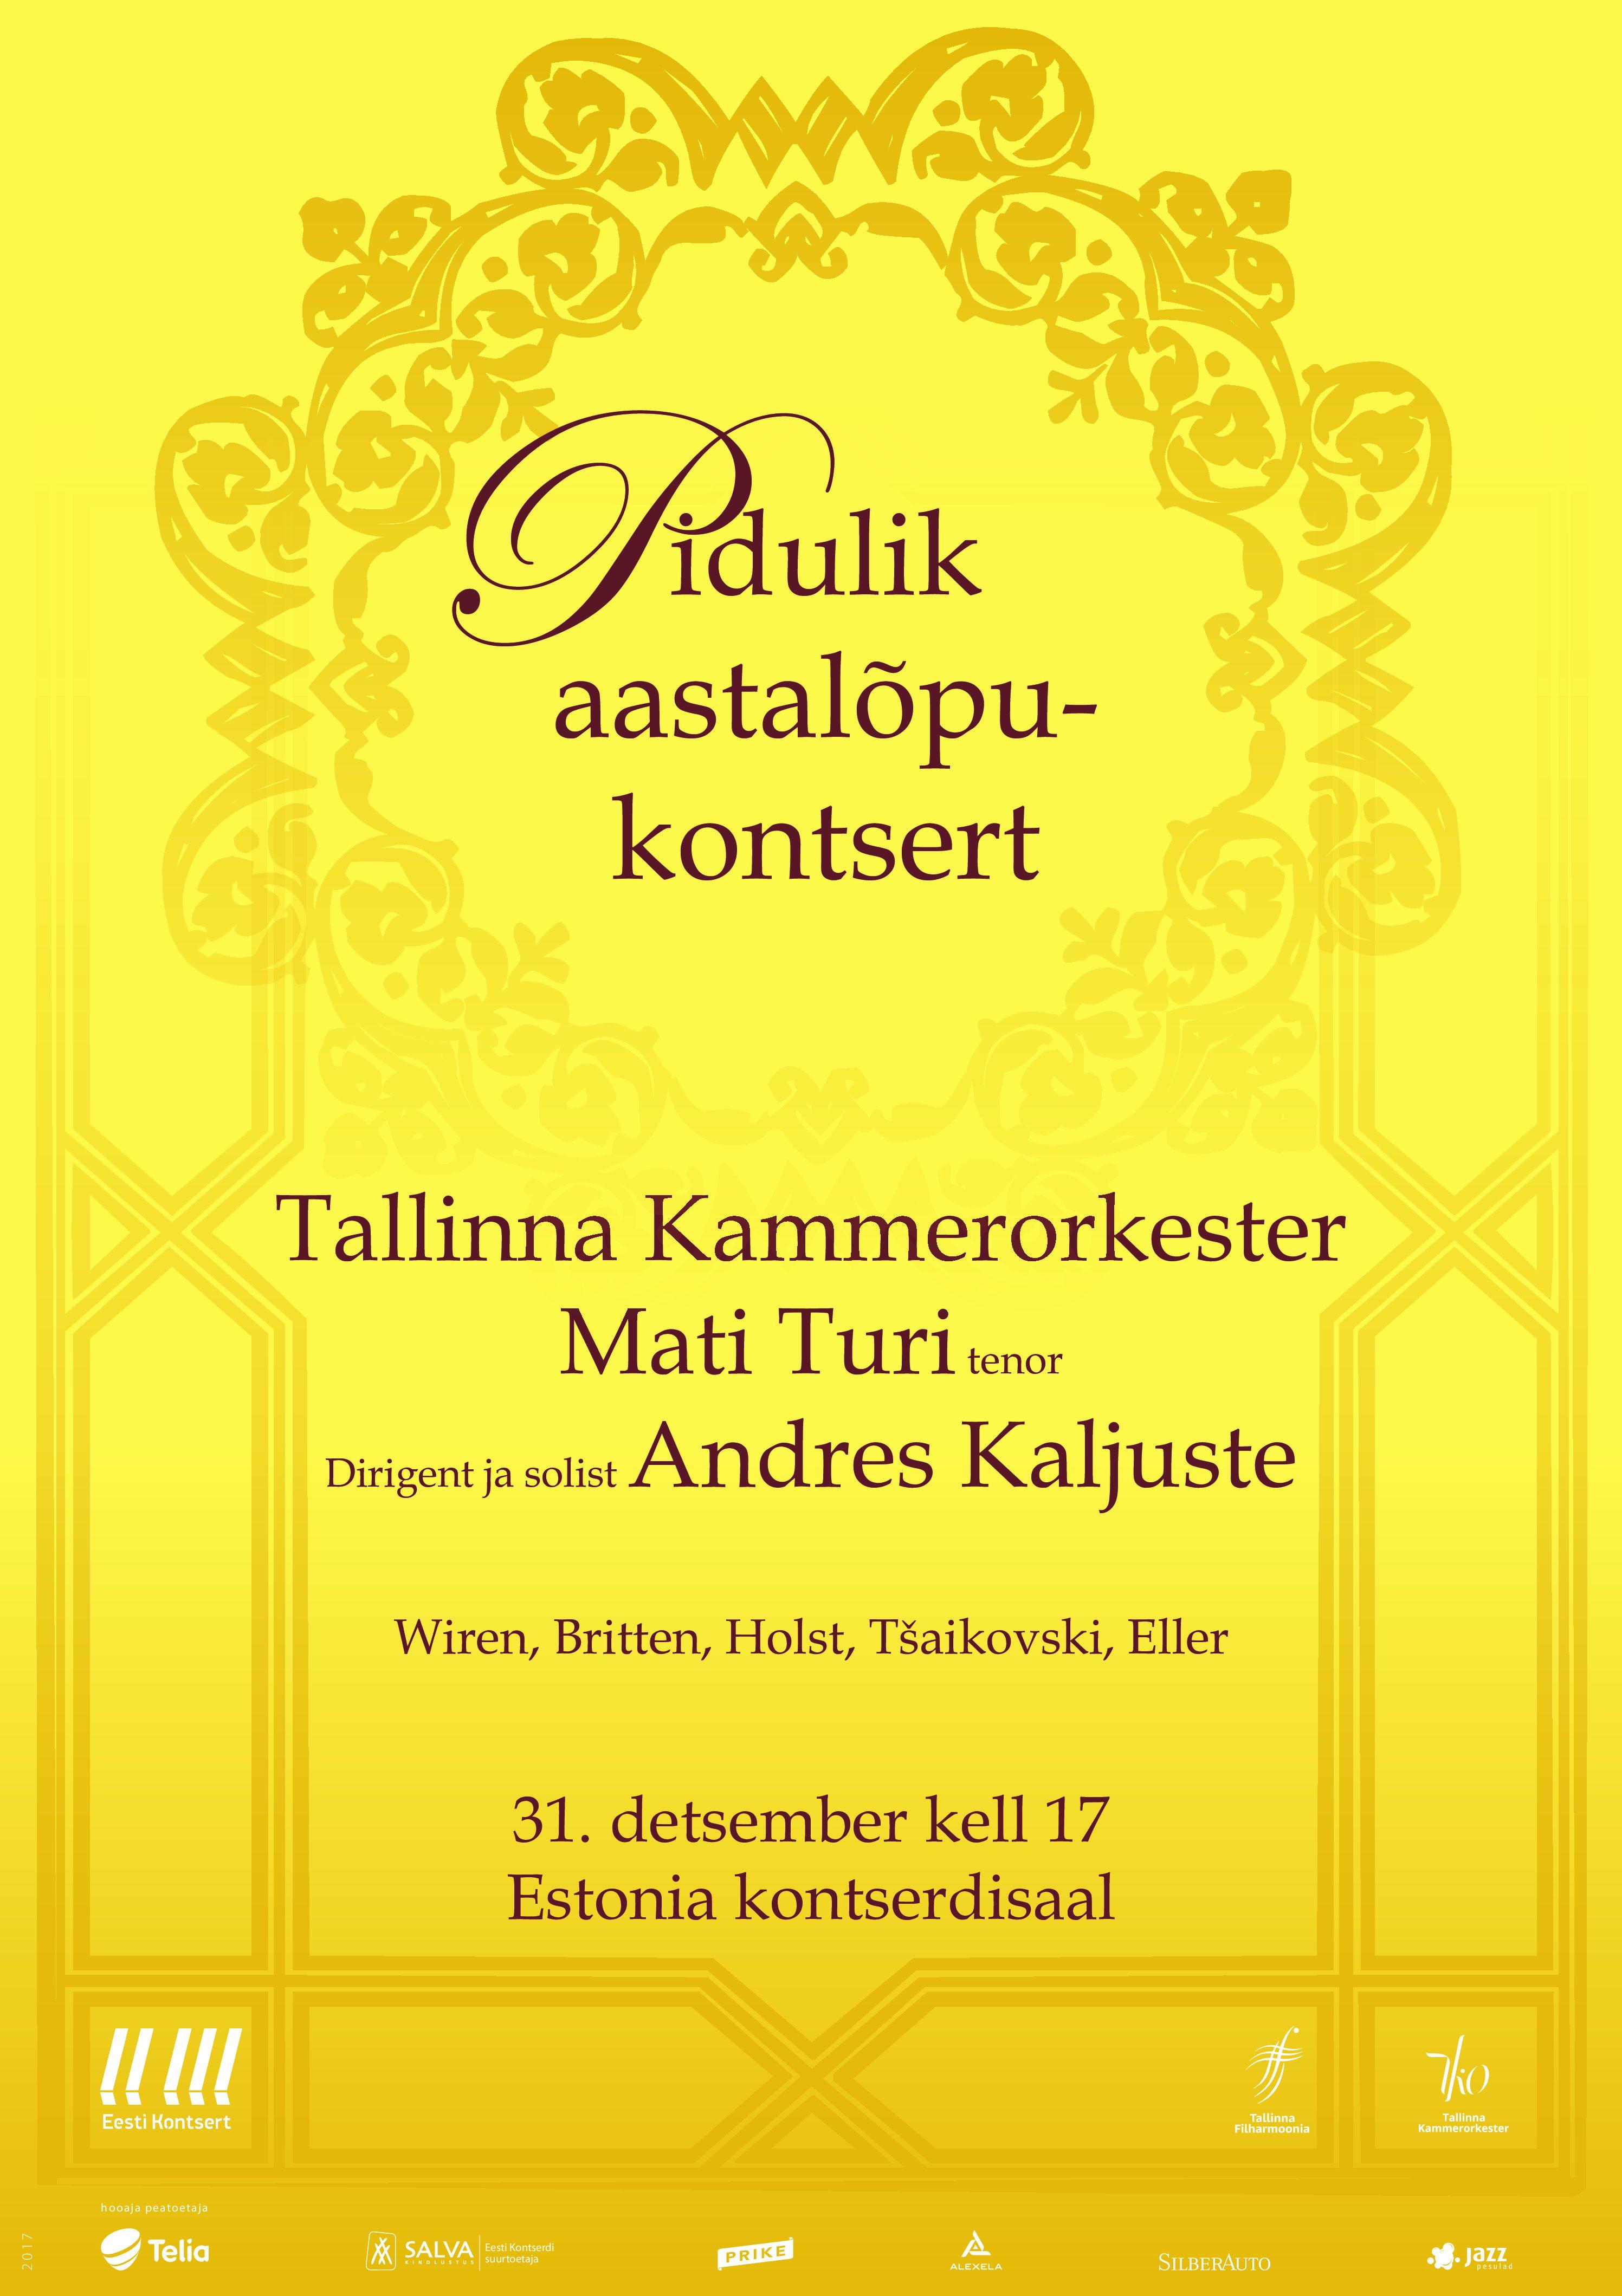 Eesti Kontserdi ja Hennessy aastalõpukontsert Tartus